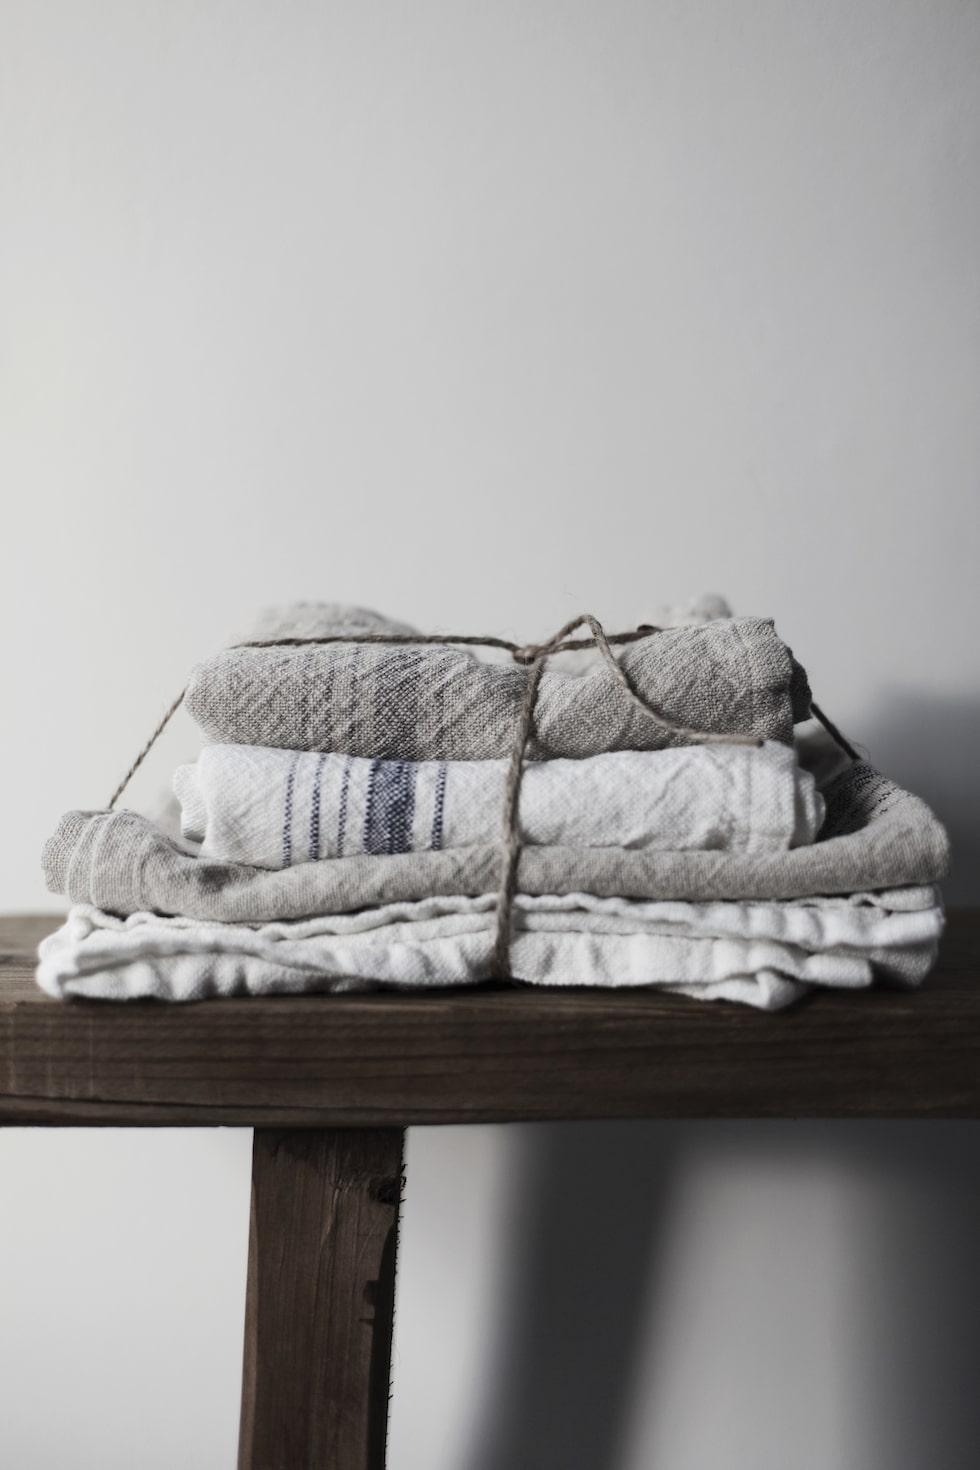 Ernst Kirchsteigers nya vårkollektion för hemmet. Kökshandukar 149 kronor.